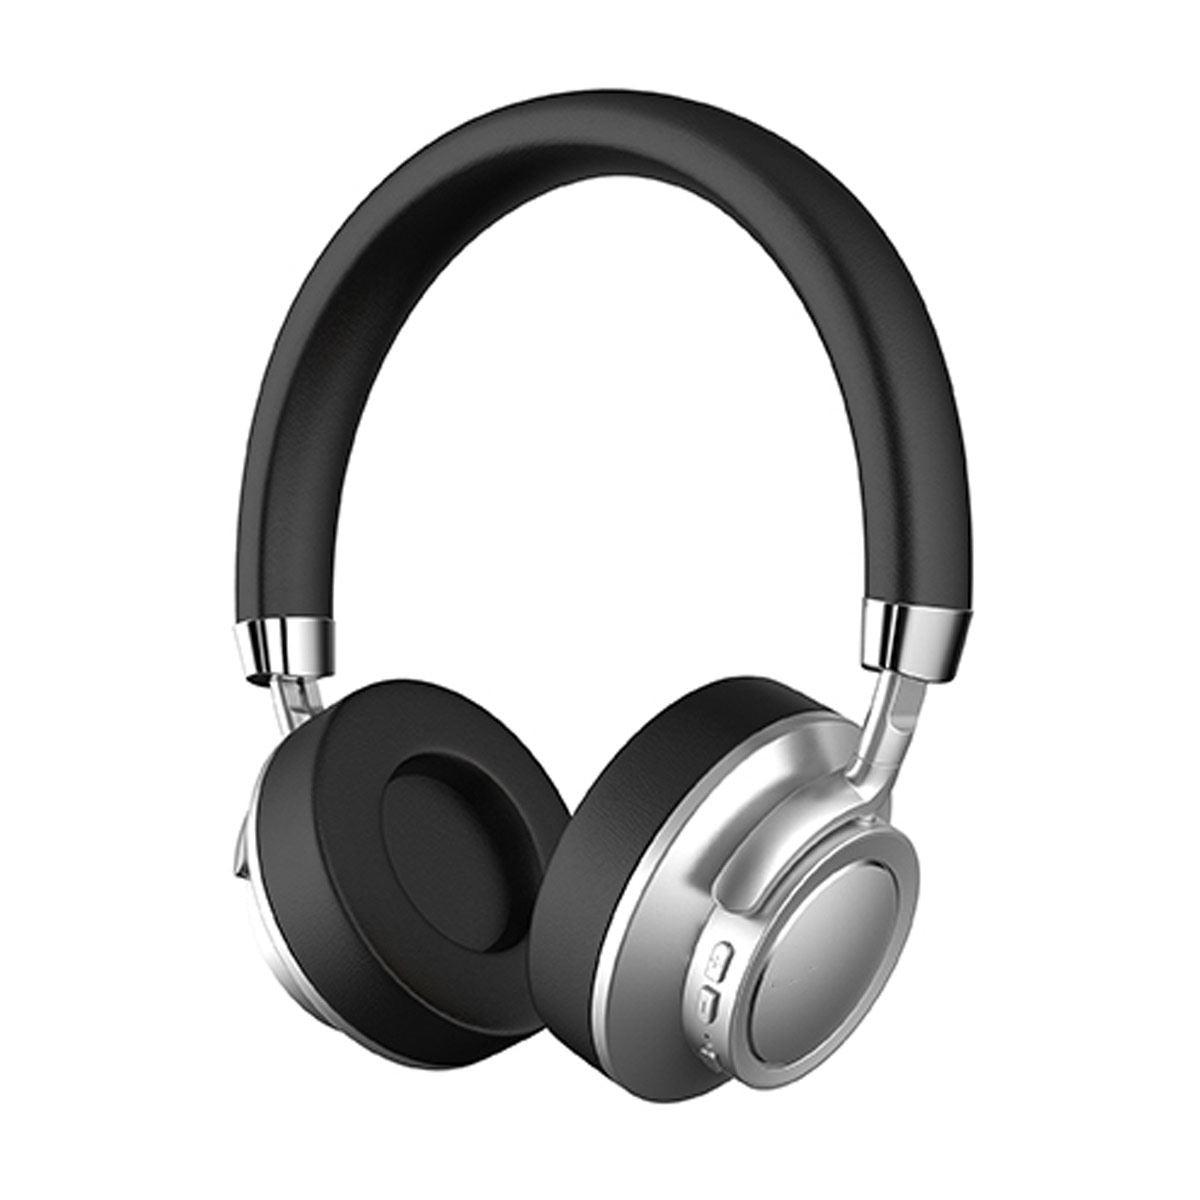 Audífonos de Diadema Zeta ICON Diseño Ergonómico